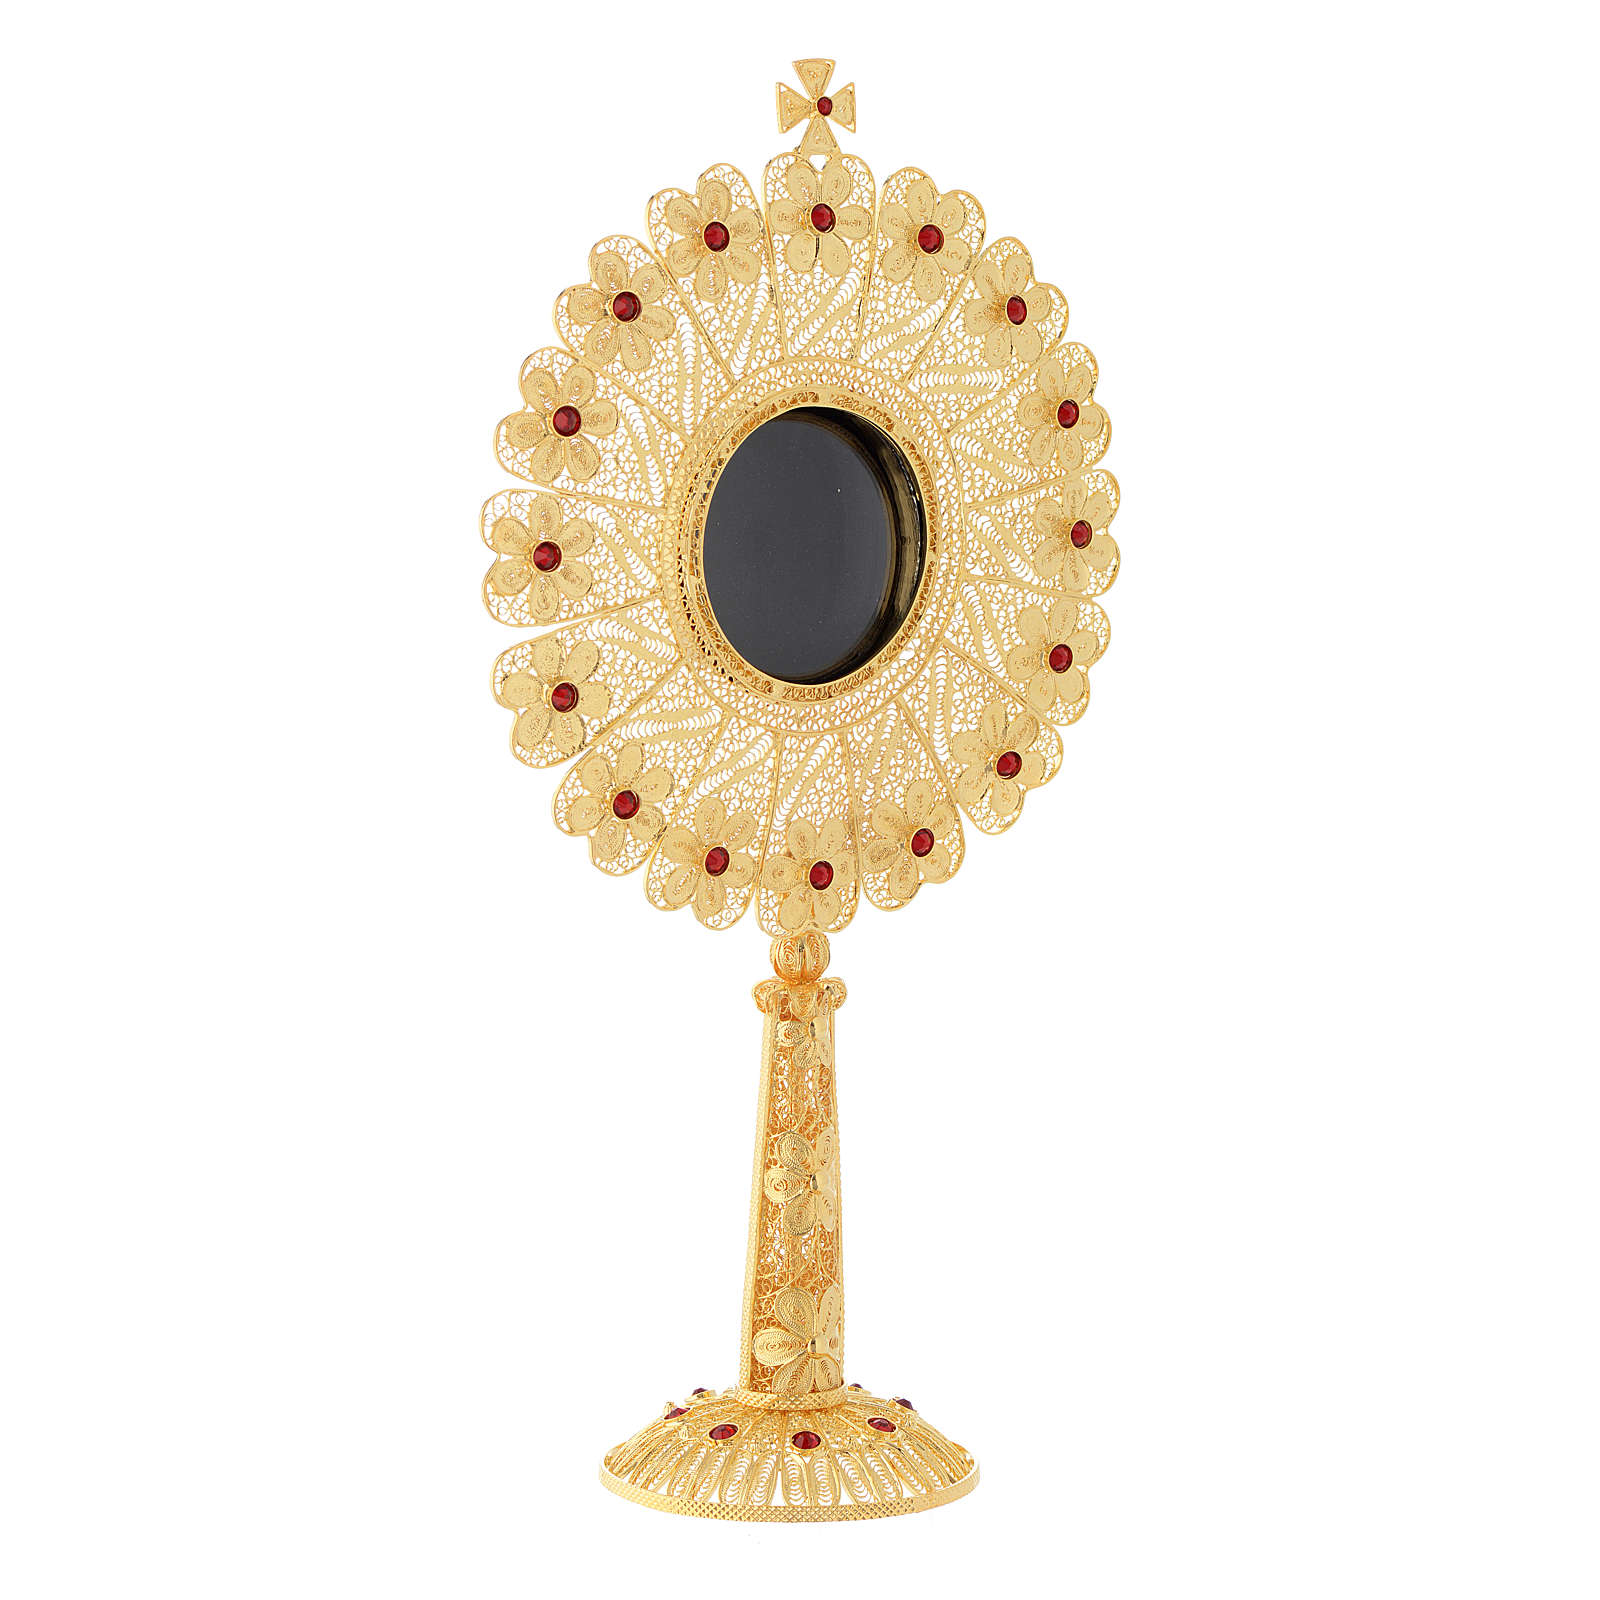 Reliquiario argento 800 dorato strass altezza 24 cm 4